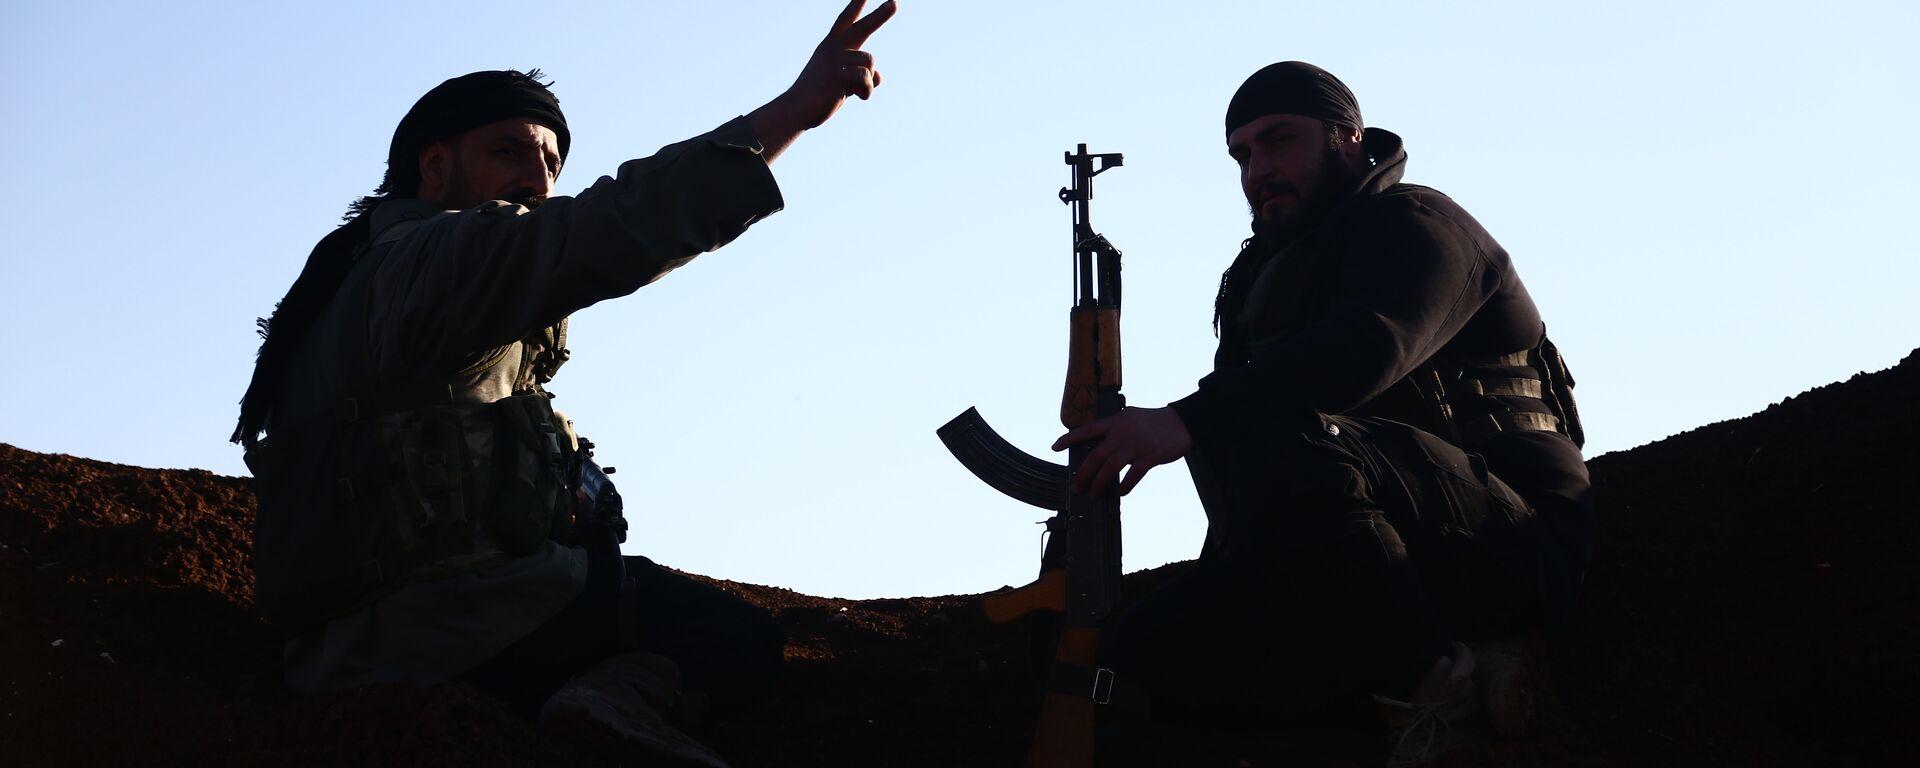 Турецкие боевики из Свободной сирийской армии занимают позиции в районе города Тал Малид - Sputnik Латвия, 1920, 03.12.2019